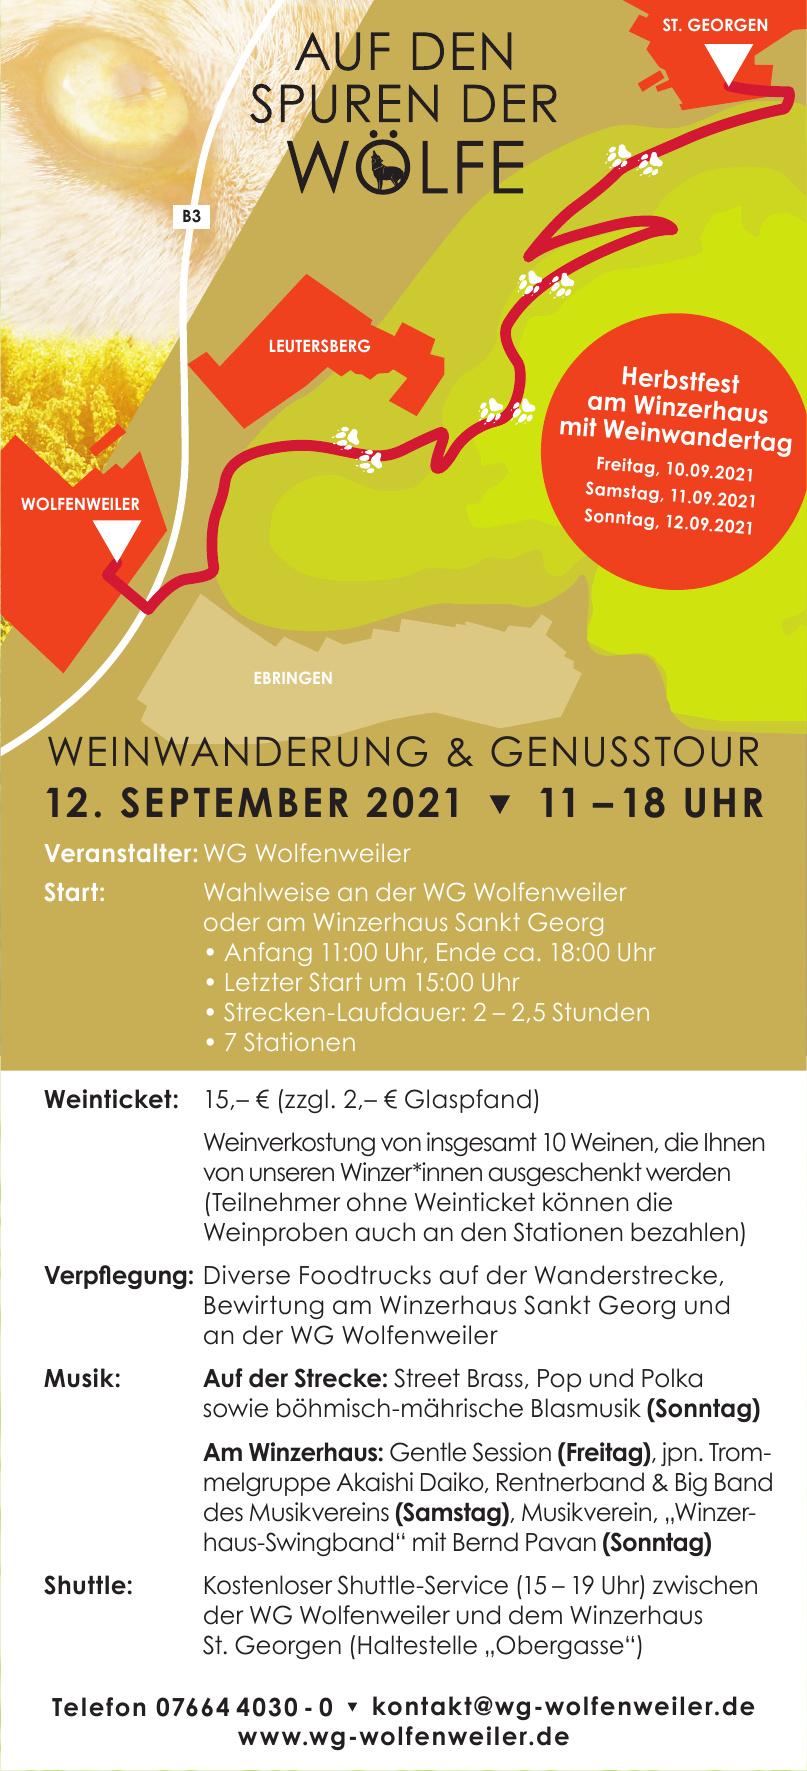 WG Wolfenweiler